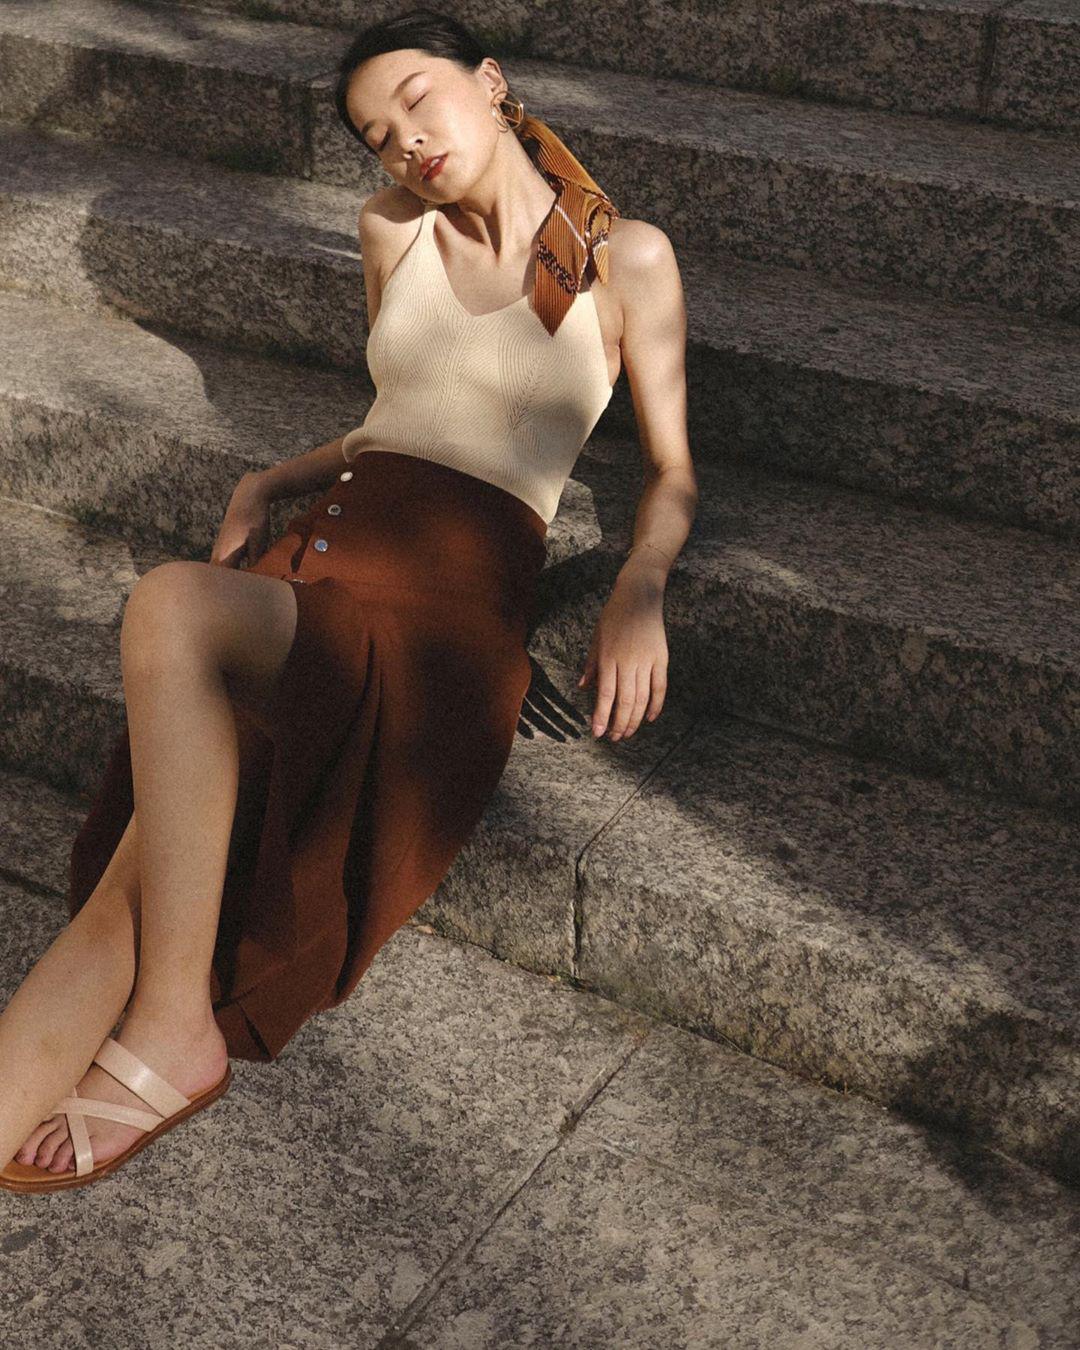 Chân to như cột đình, bạn chỉ cần nhớ 4 tiêu chí chọn quần và váy này thì chân sẽ thon hơn hẳn - Ảnh 7.